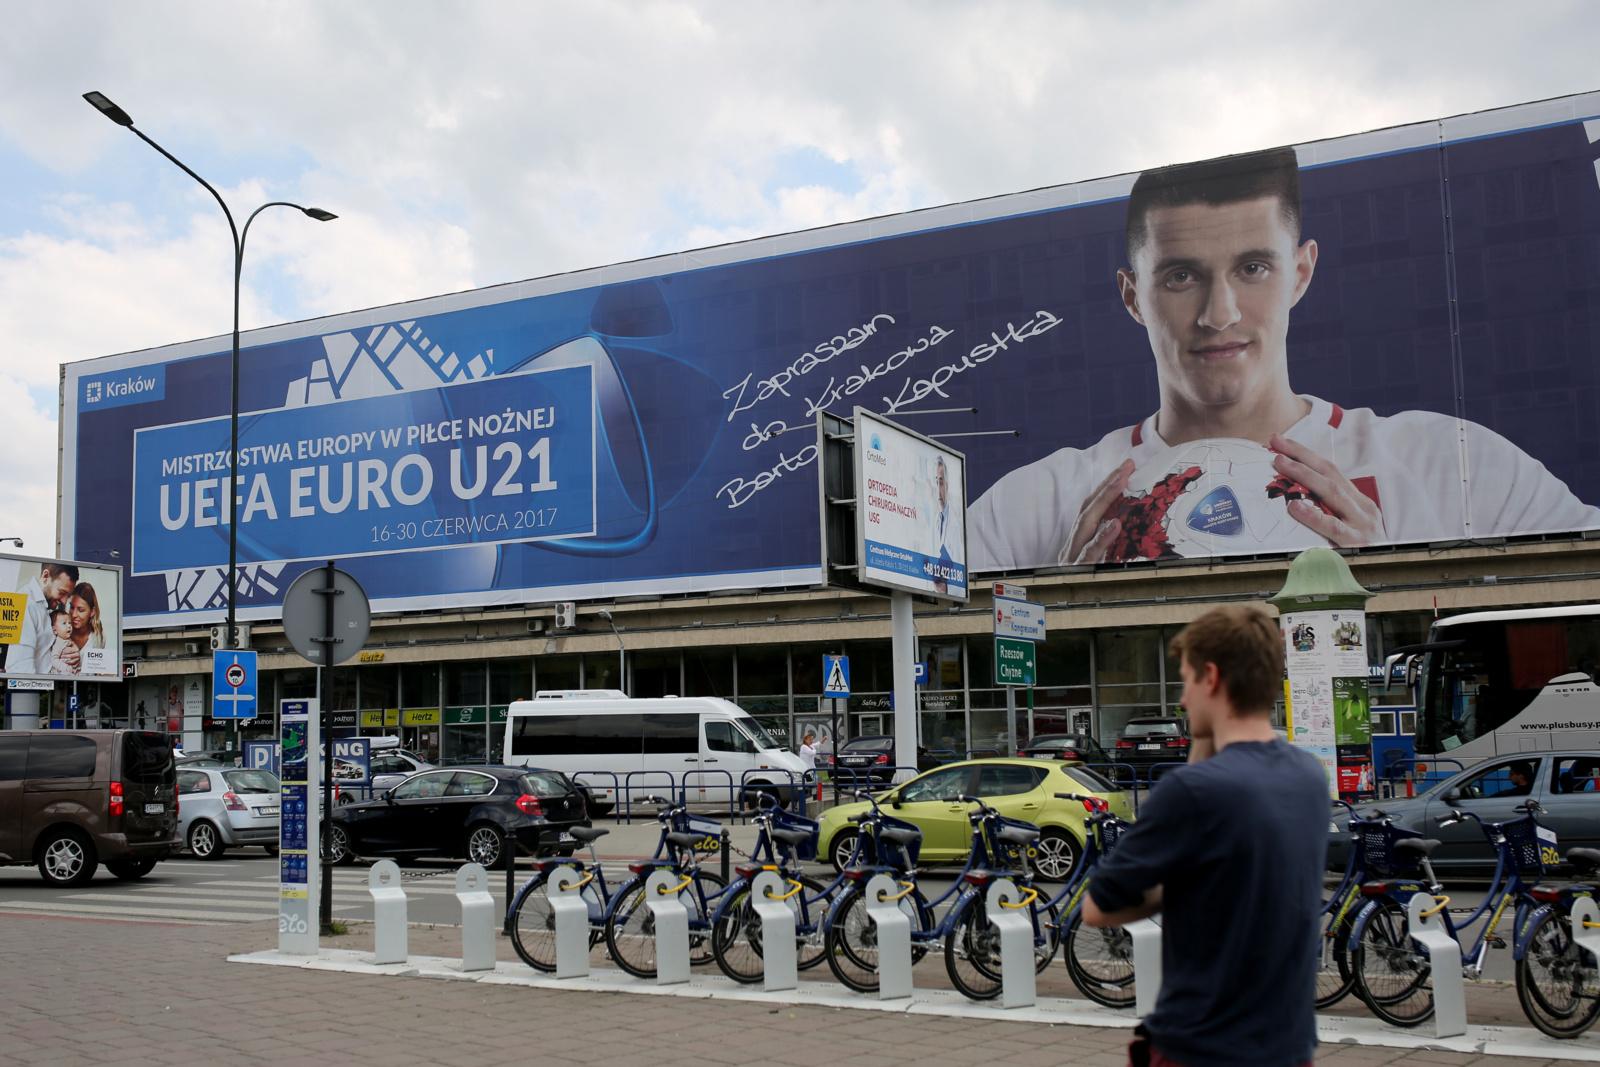 Mistrzostwa Europy U-21 w piłce nożnej. Kraków jednym z miast-gospodarzy